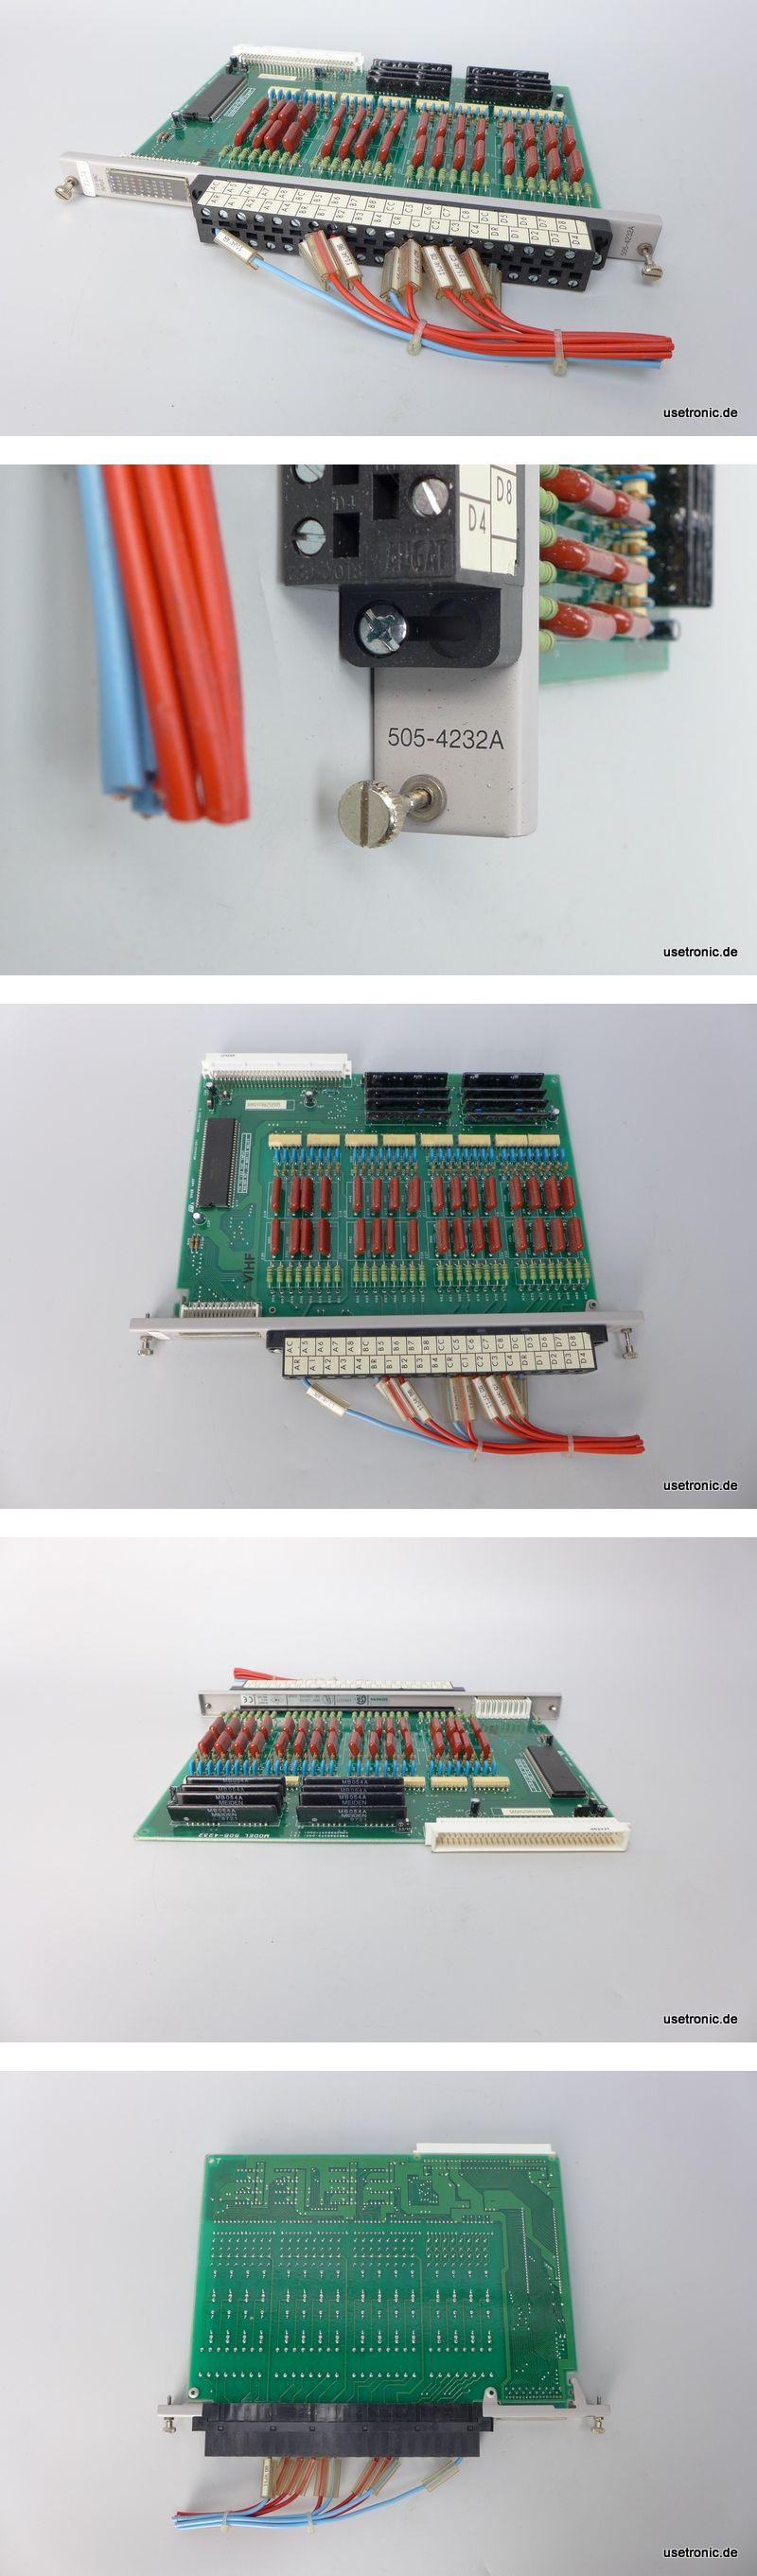 Siemens Texas Instruments 110 VAC Input 505-4232A